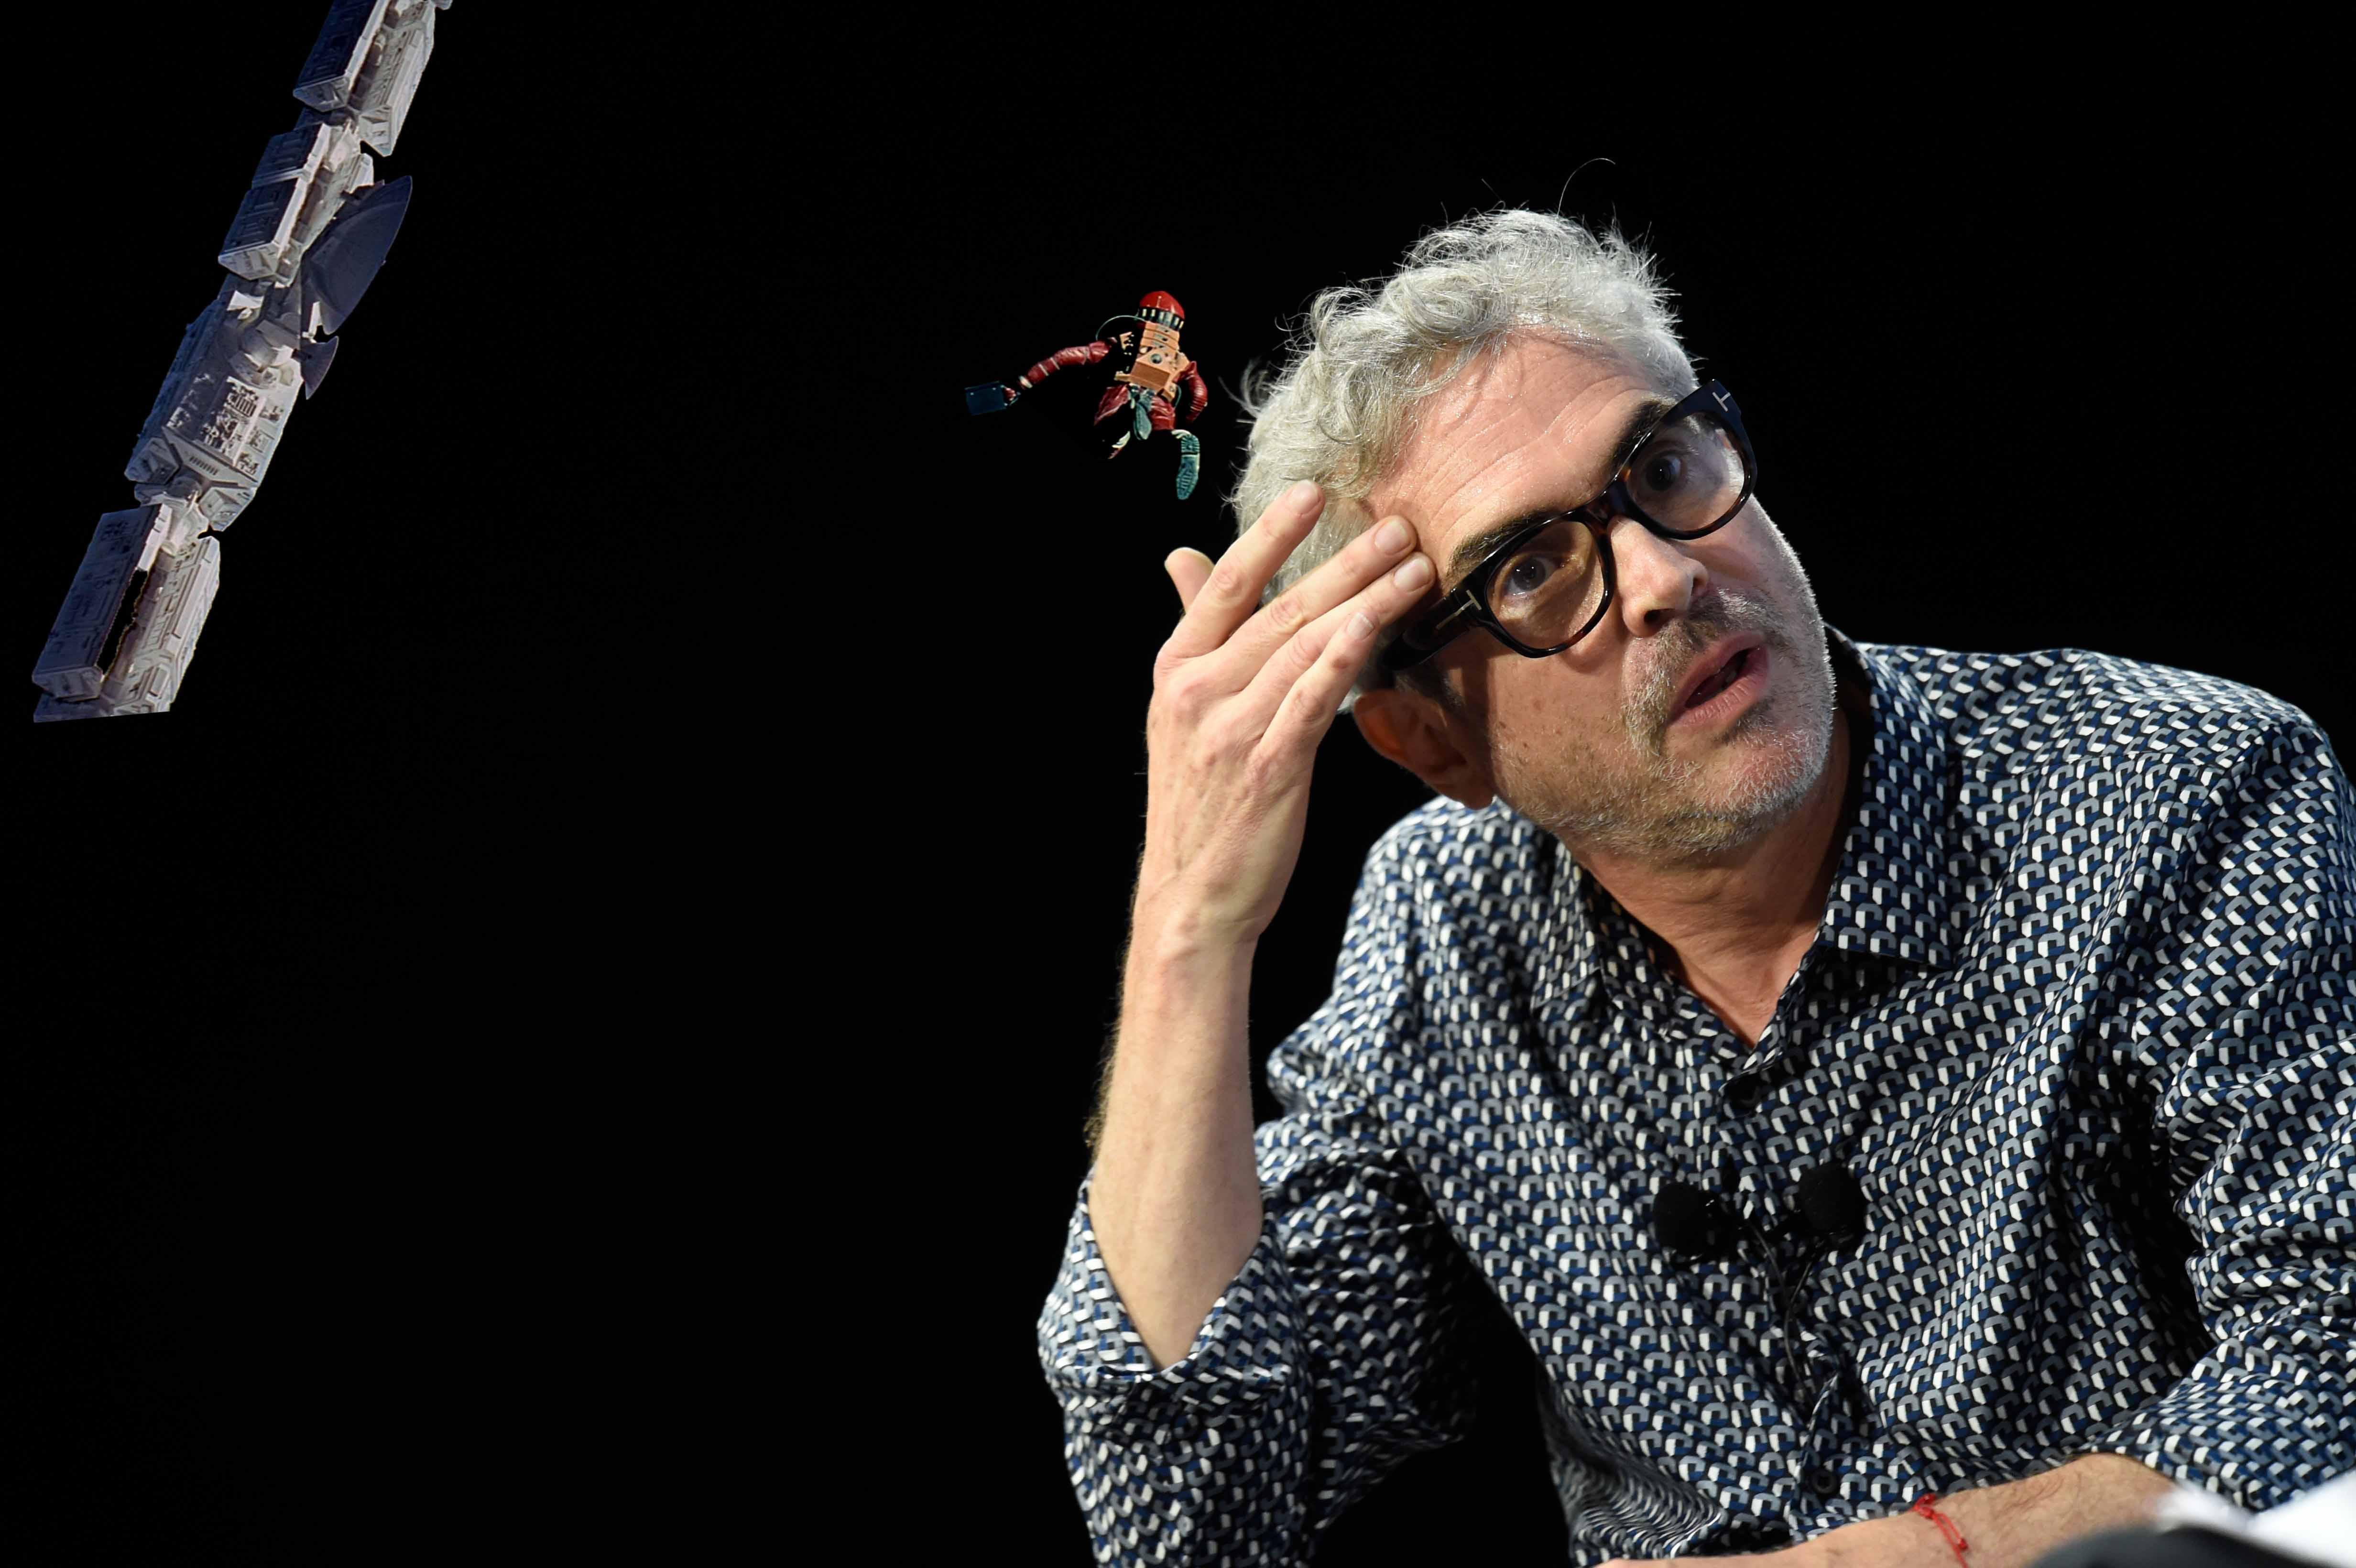 Alfonso Cuarón no vio '2001: A Space Odyssey' antes de hacer 'Gravity'… ¿por?